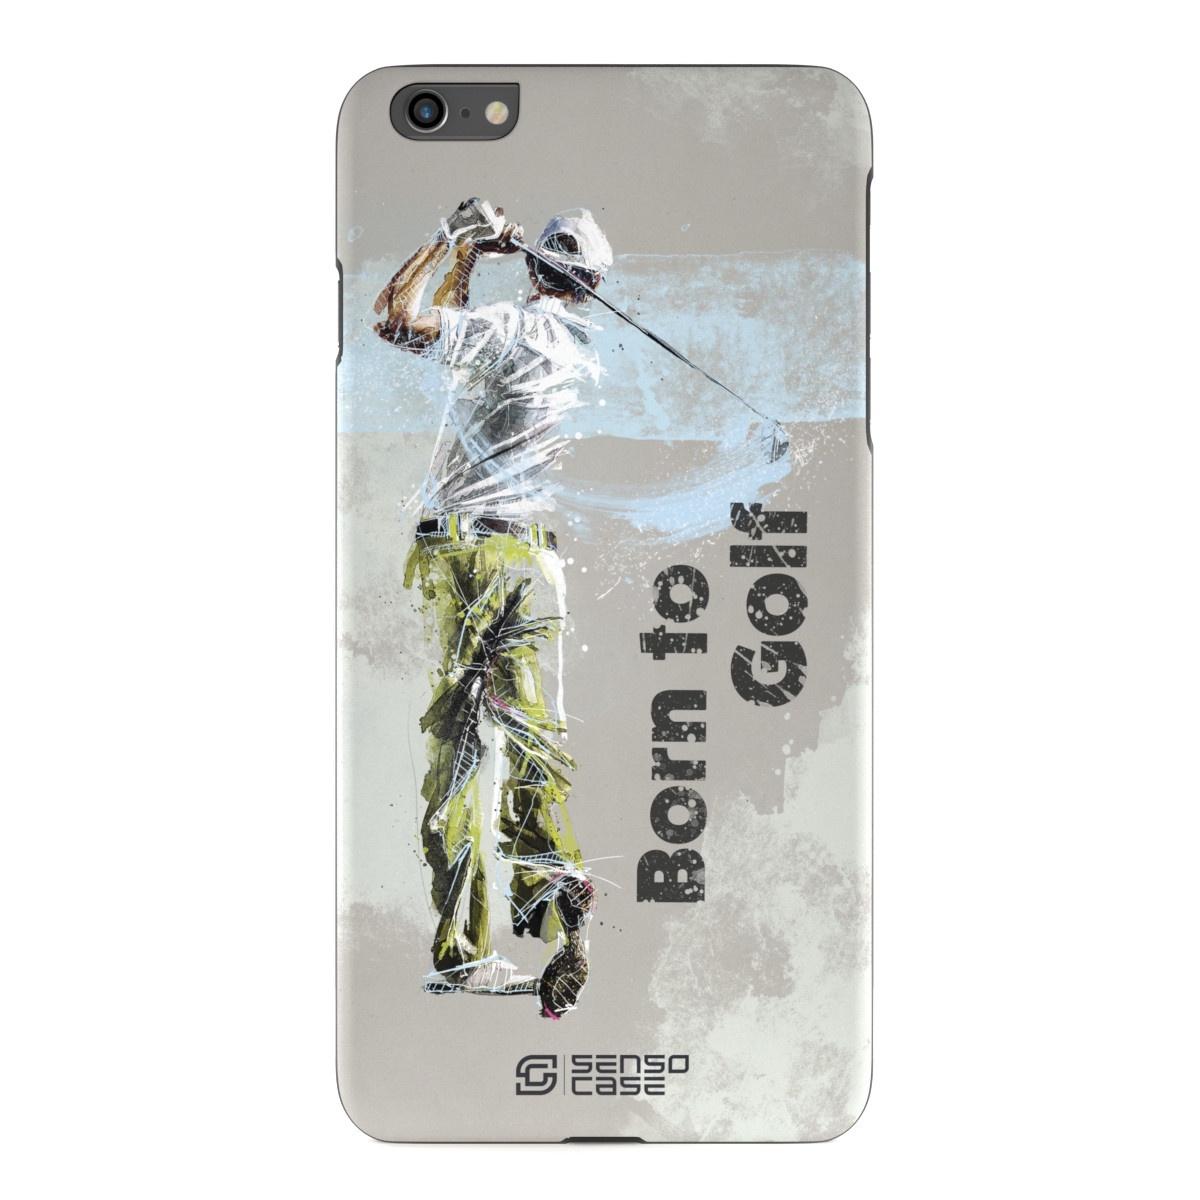 """Чехол для сотового телефона SensoCase iPhone 6/6s Plus """"Гольф"""" , SC-IP6P-golf + защитное стекло в подарок, 100028"""